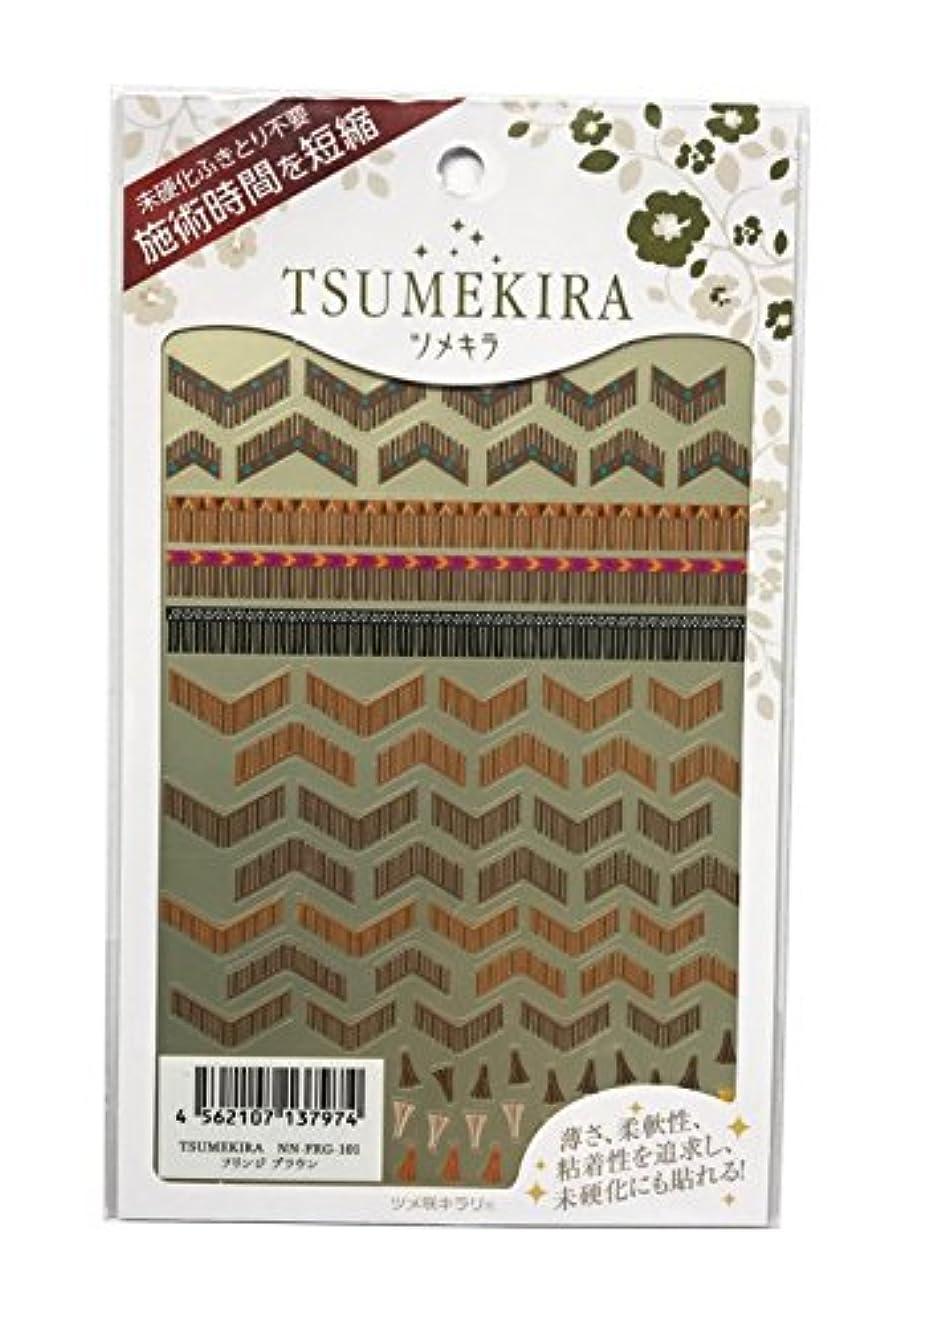 ダブルクマノミ検出ツメキラ(TSUMEKIRA) ネイル用シール フリンジ ブラウン NN-FRG-101